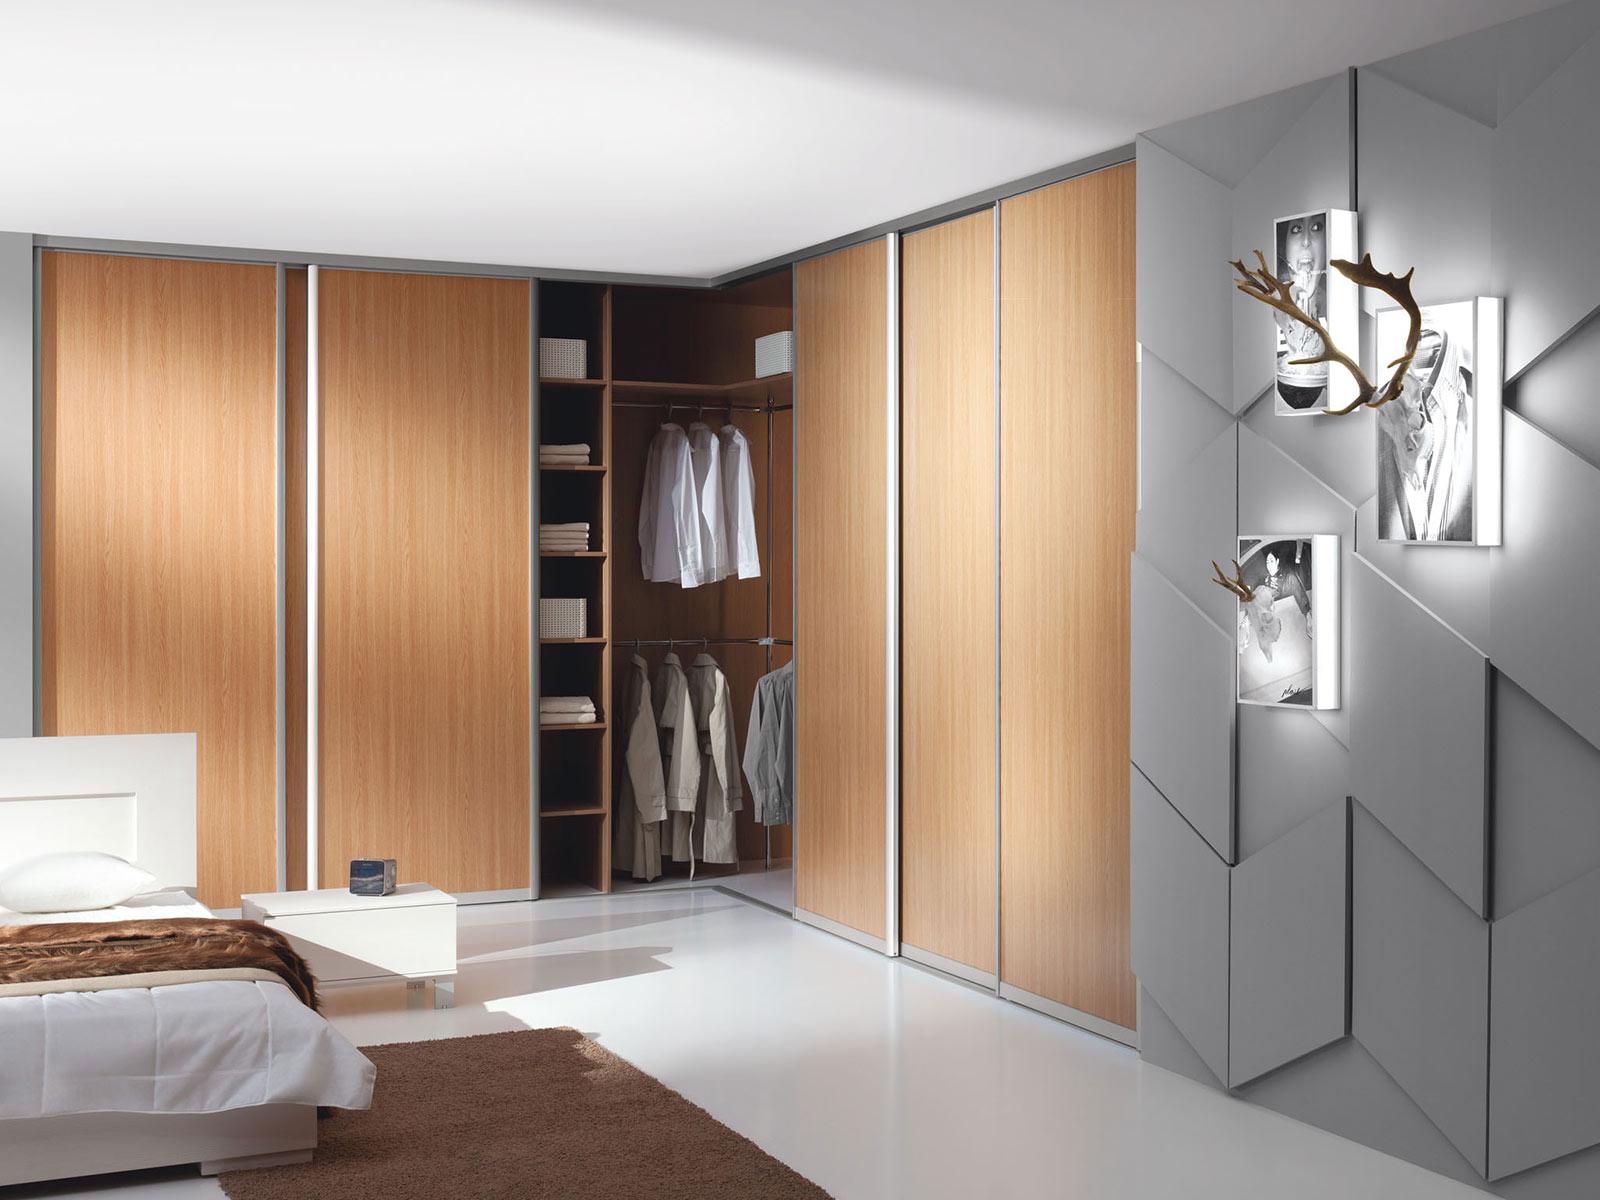 Встроенный шкаф - максимальное использование пространства